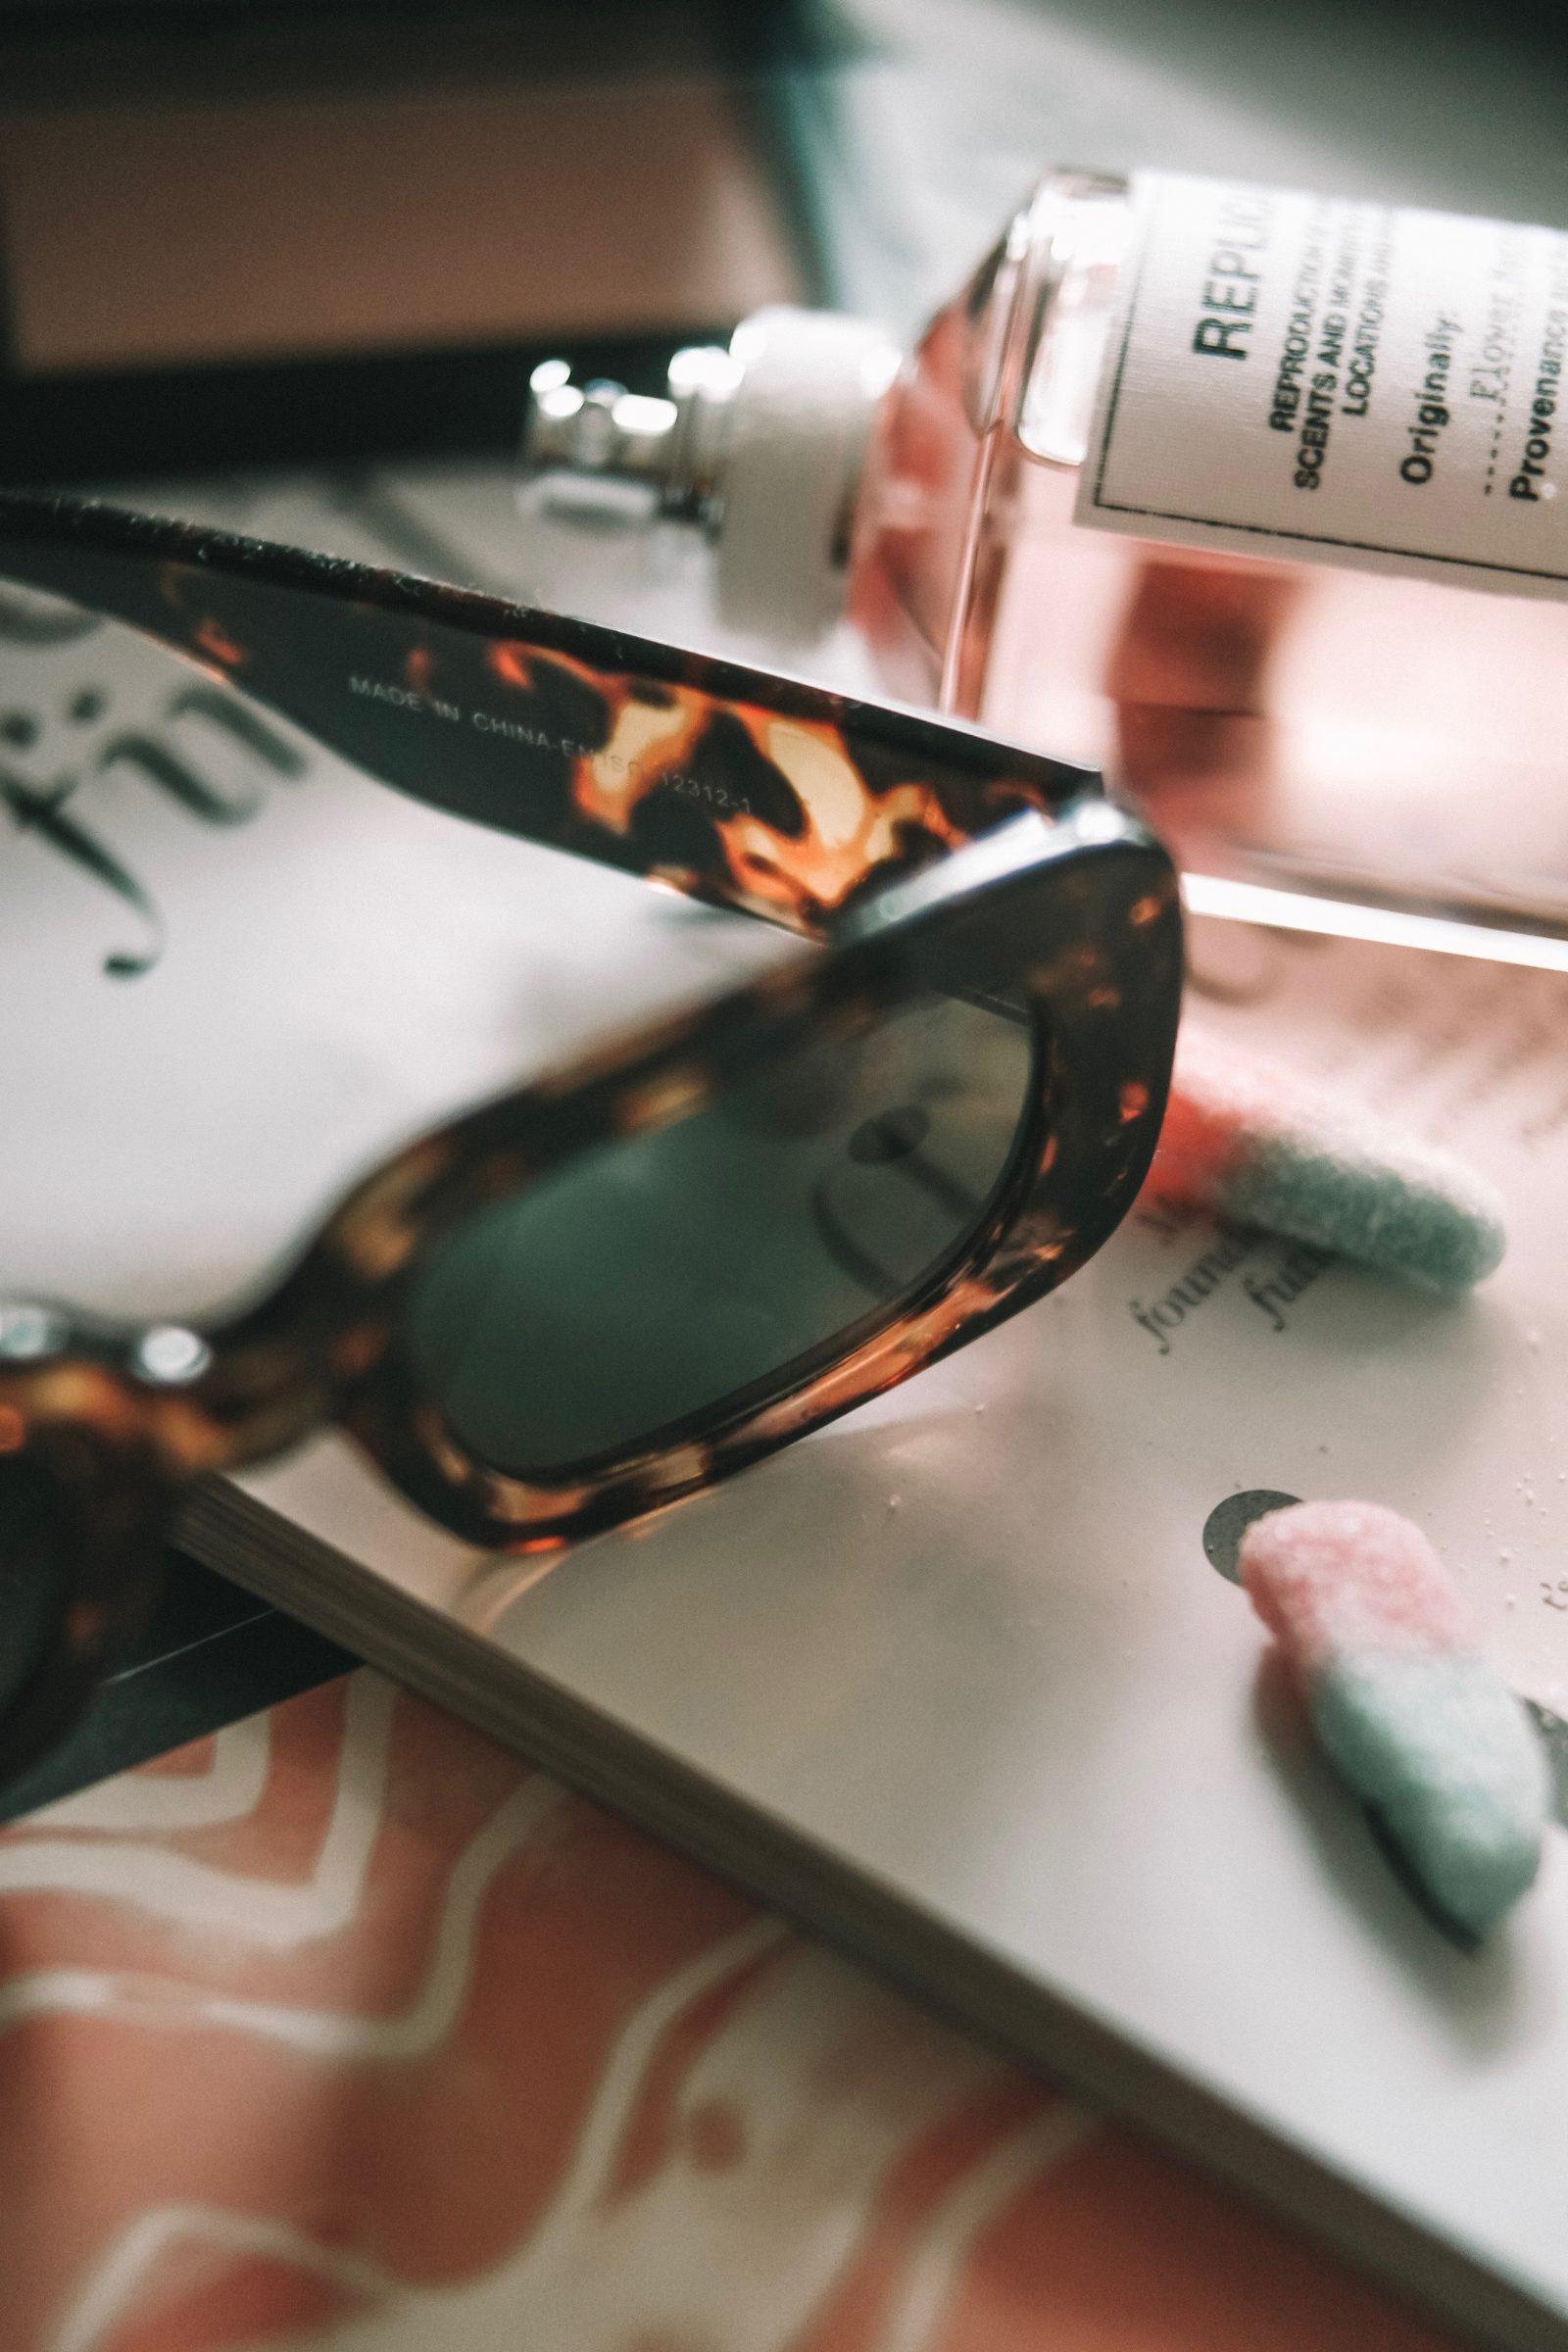 Sinead Crowe Teeth Story - Tortoiseshell Sunglasses